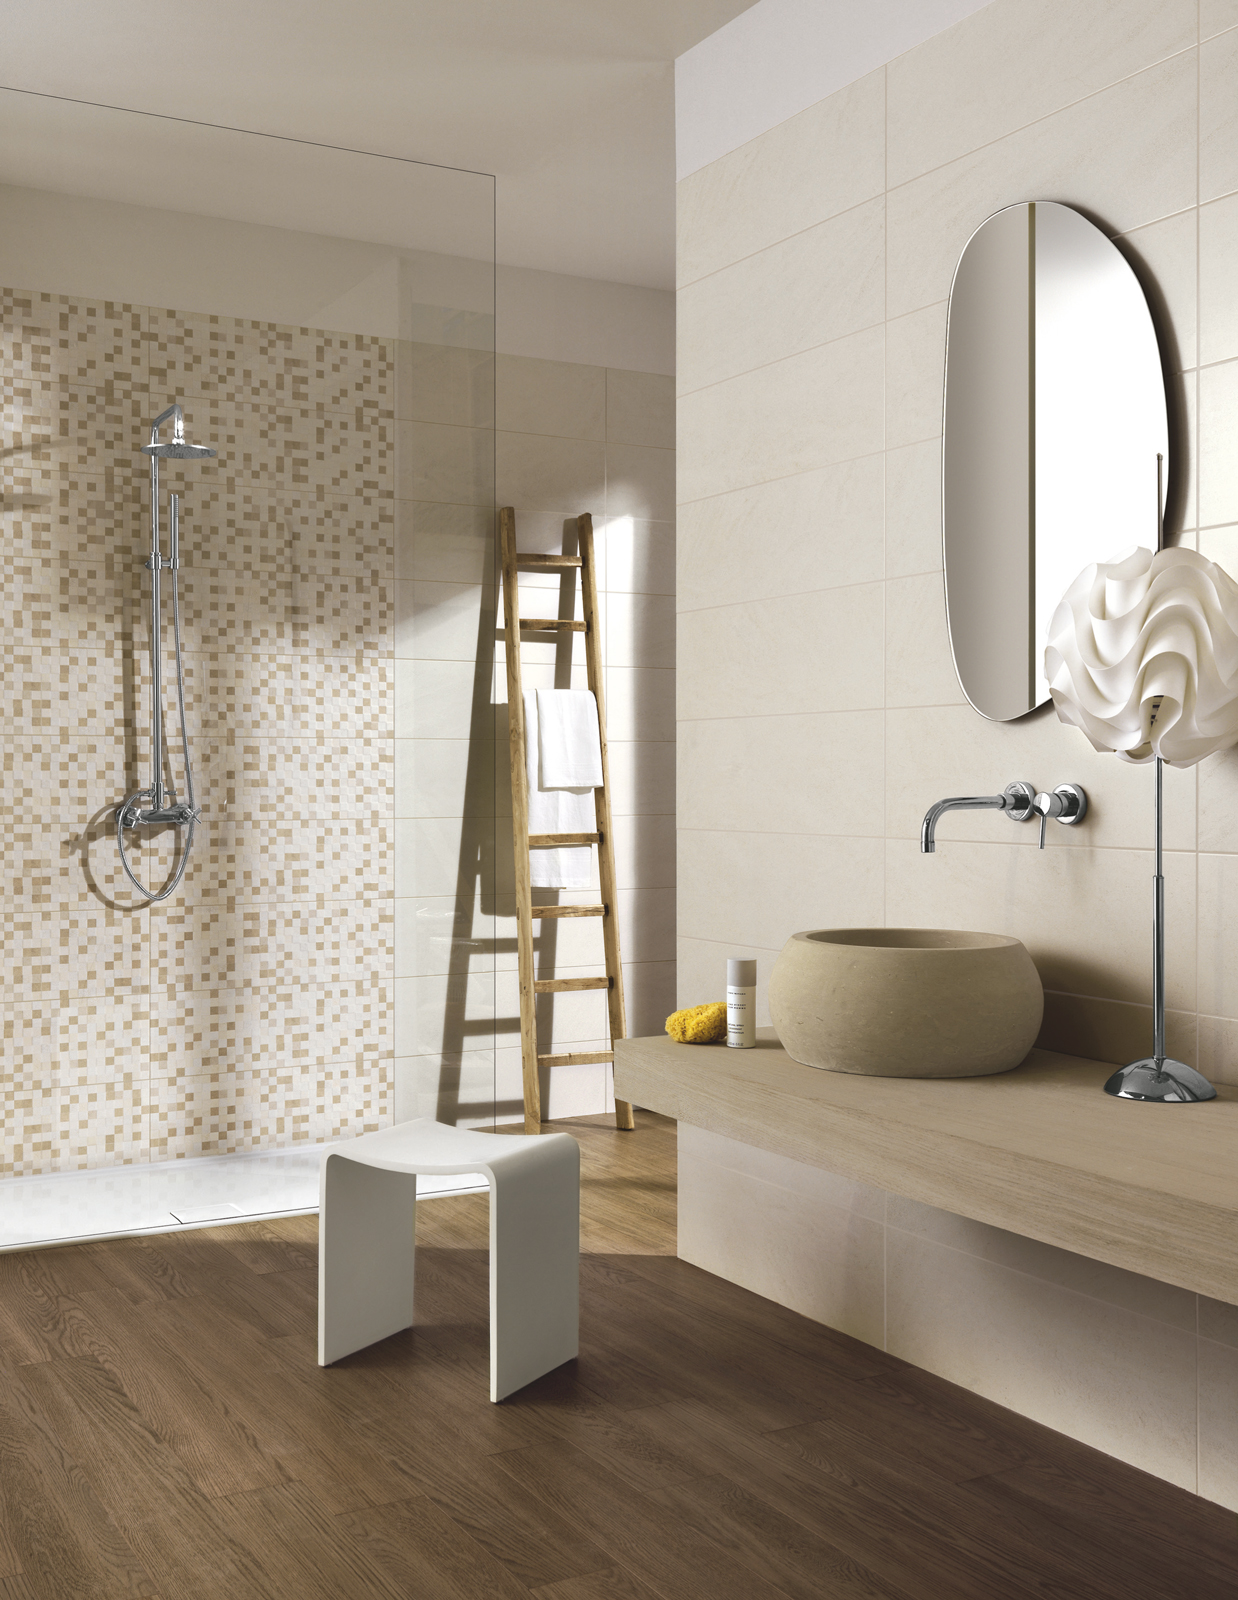 Collezione natural rivestimenti per il tuo bagno ragno - Piastrelle bagno legno ...